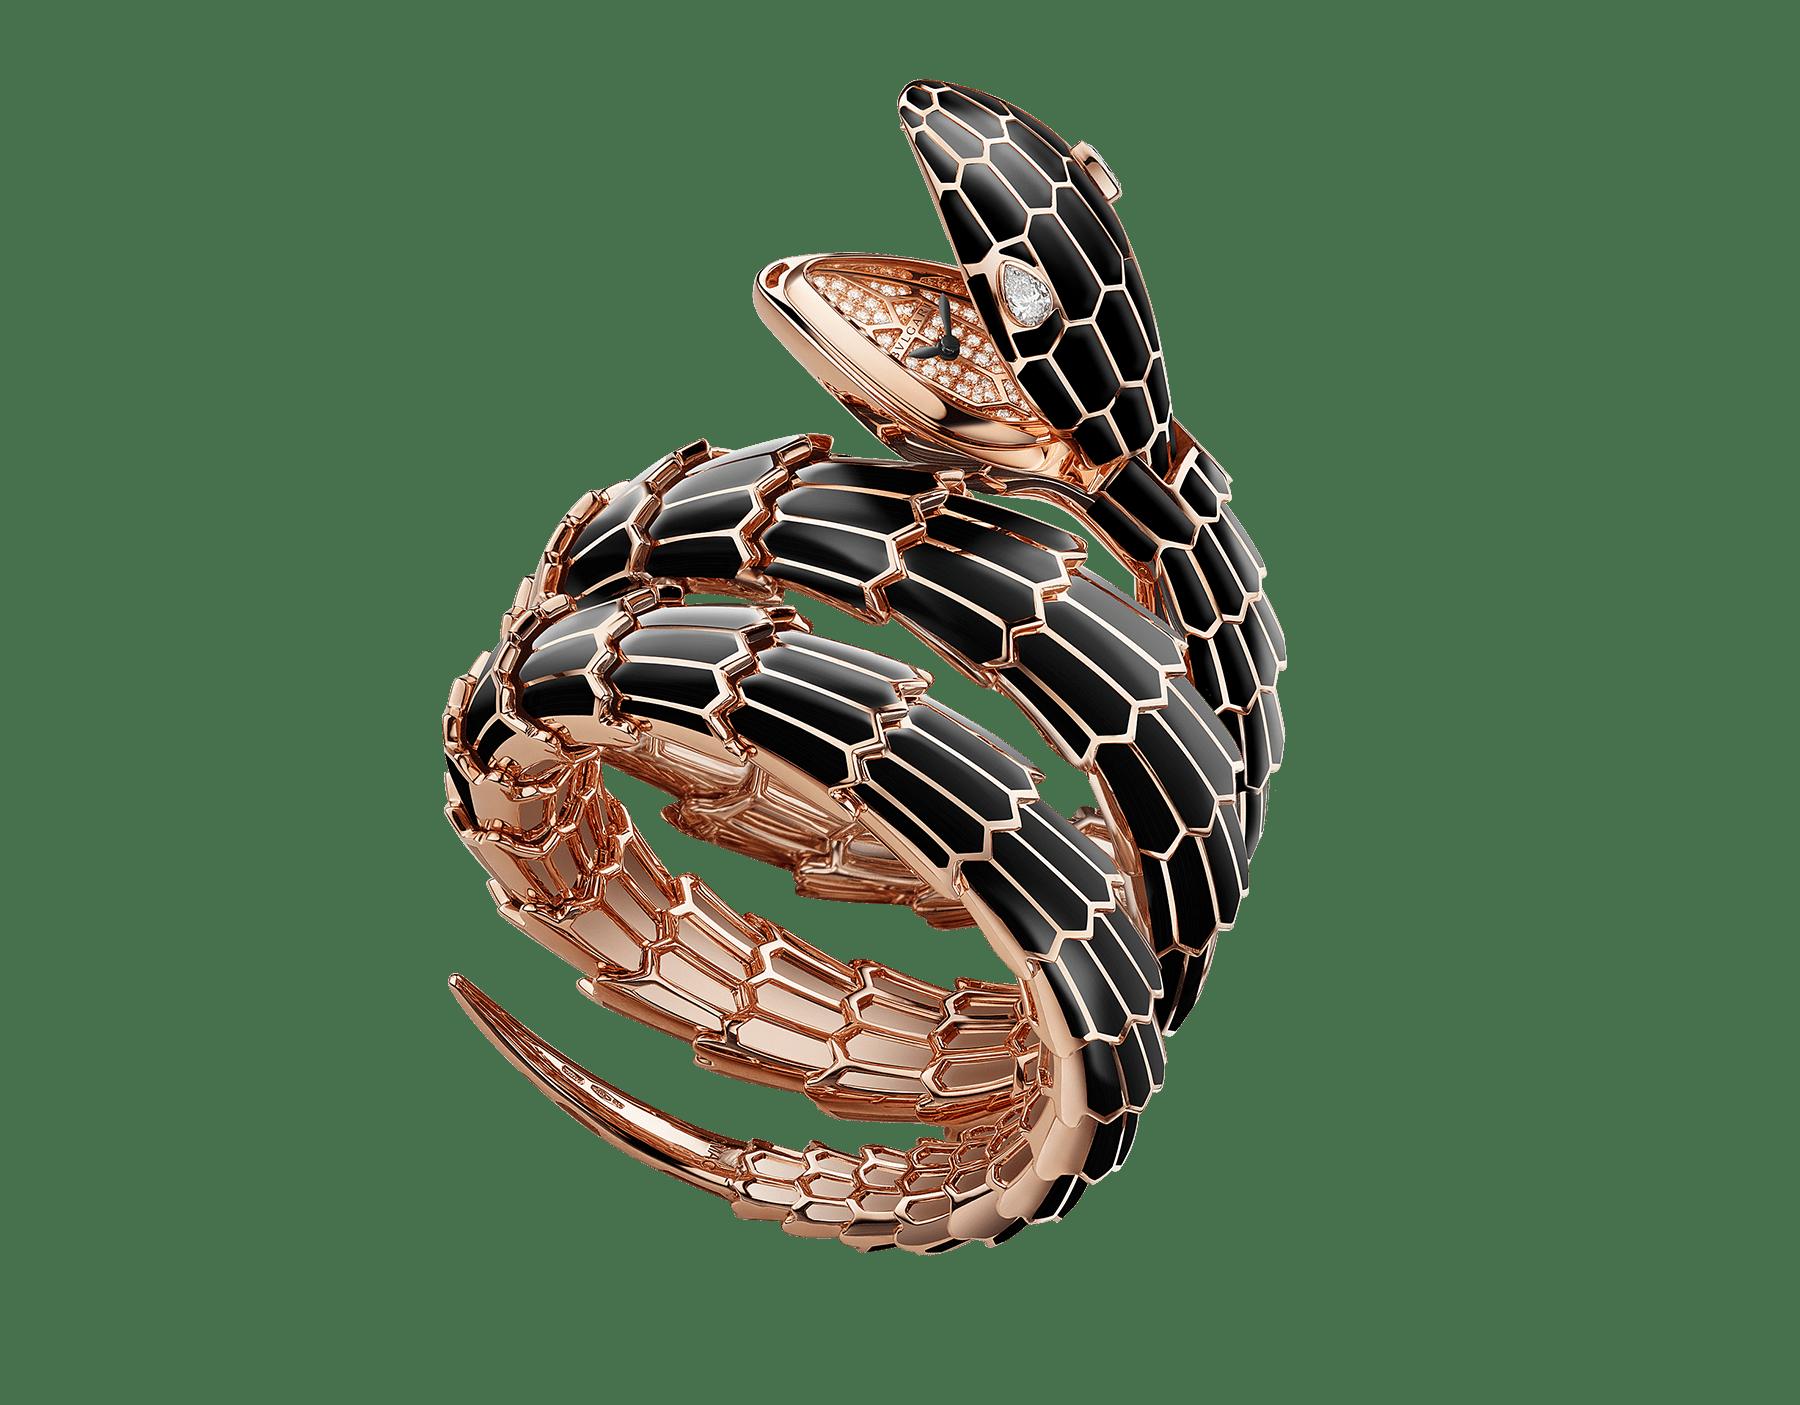 Serpenti Secret Watch mit einem Kopf aus 18Karat Roségold und doppelt geschwungenem Armband, jeweils mit schwarzer Lackierung, Diamantaugen, Gehäuse aus 18Karat Roségold und Zifferblatt aus 18Karat Roségold mit Diamanten im Brillantschliff. 102524 image 1